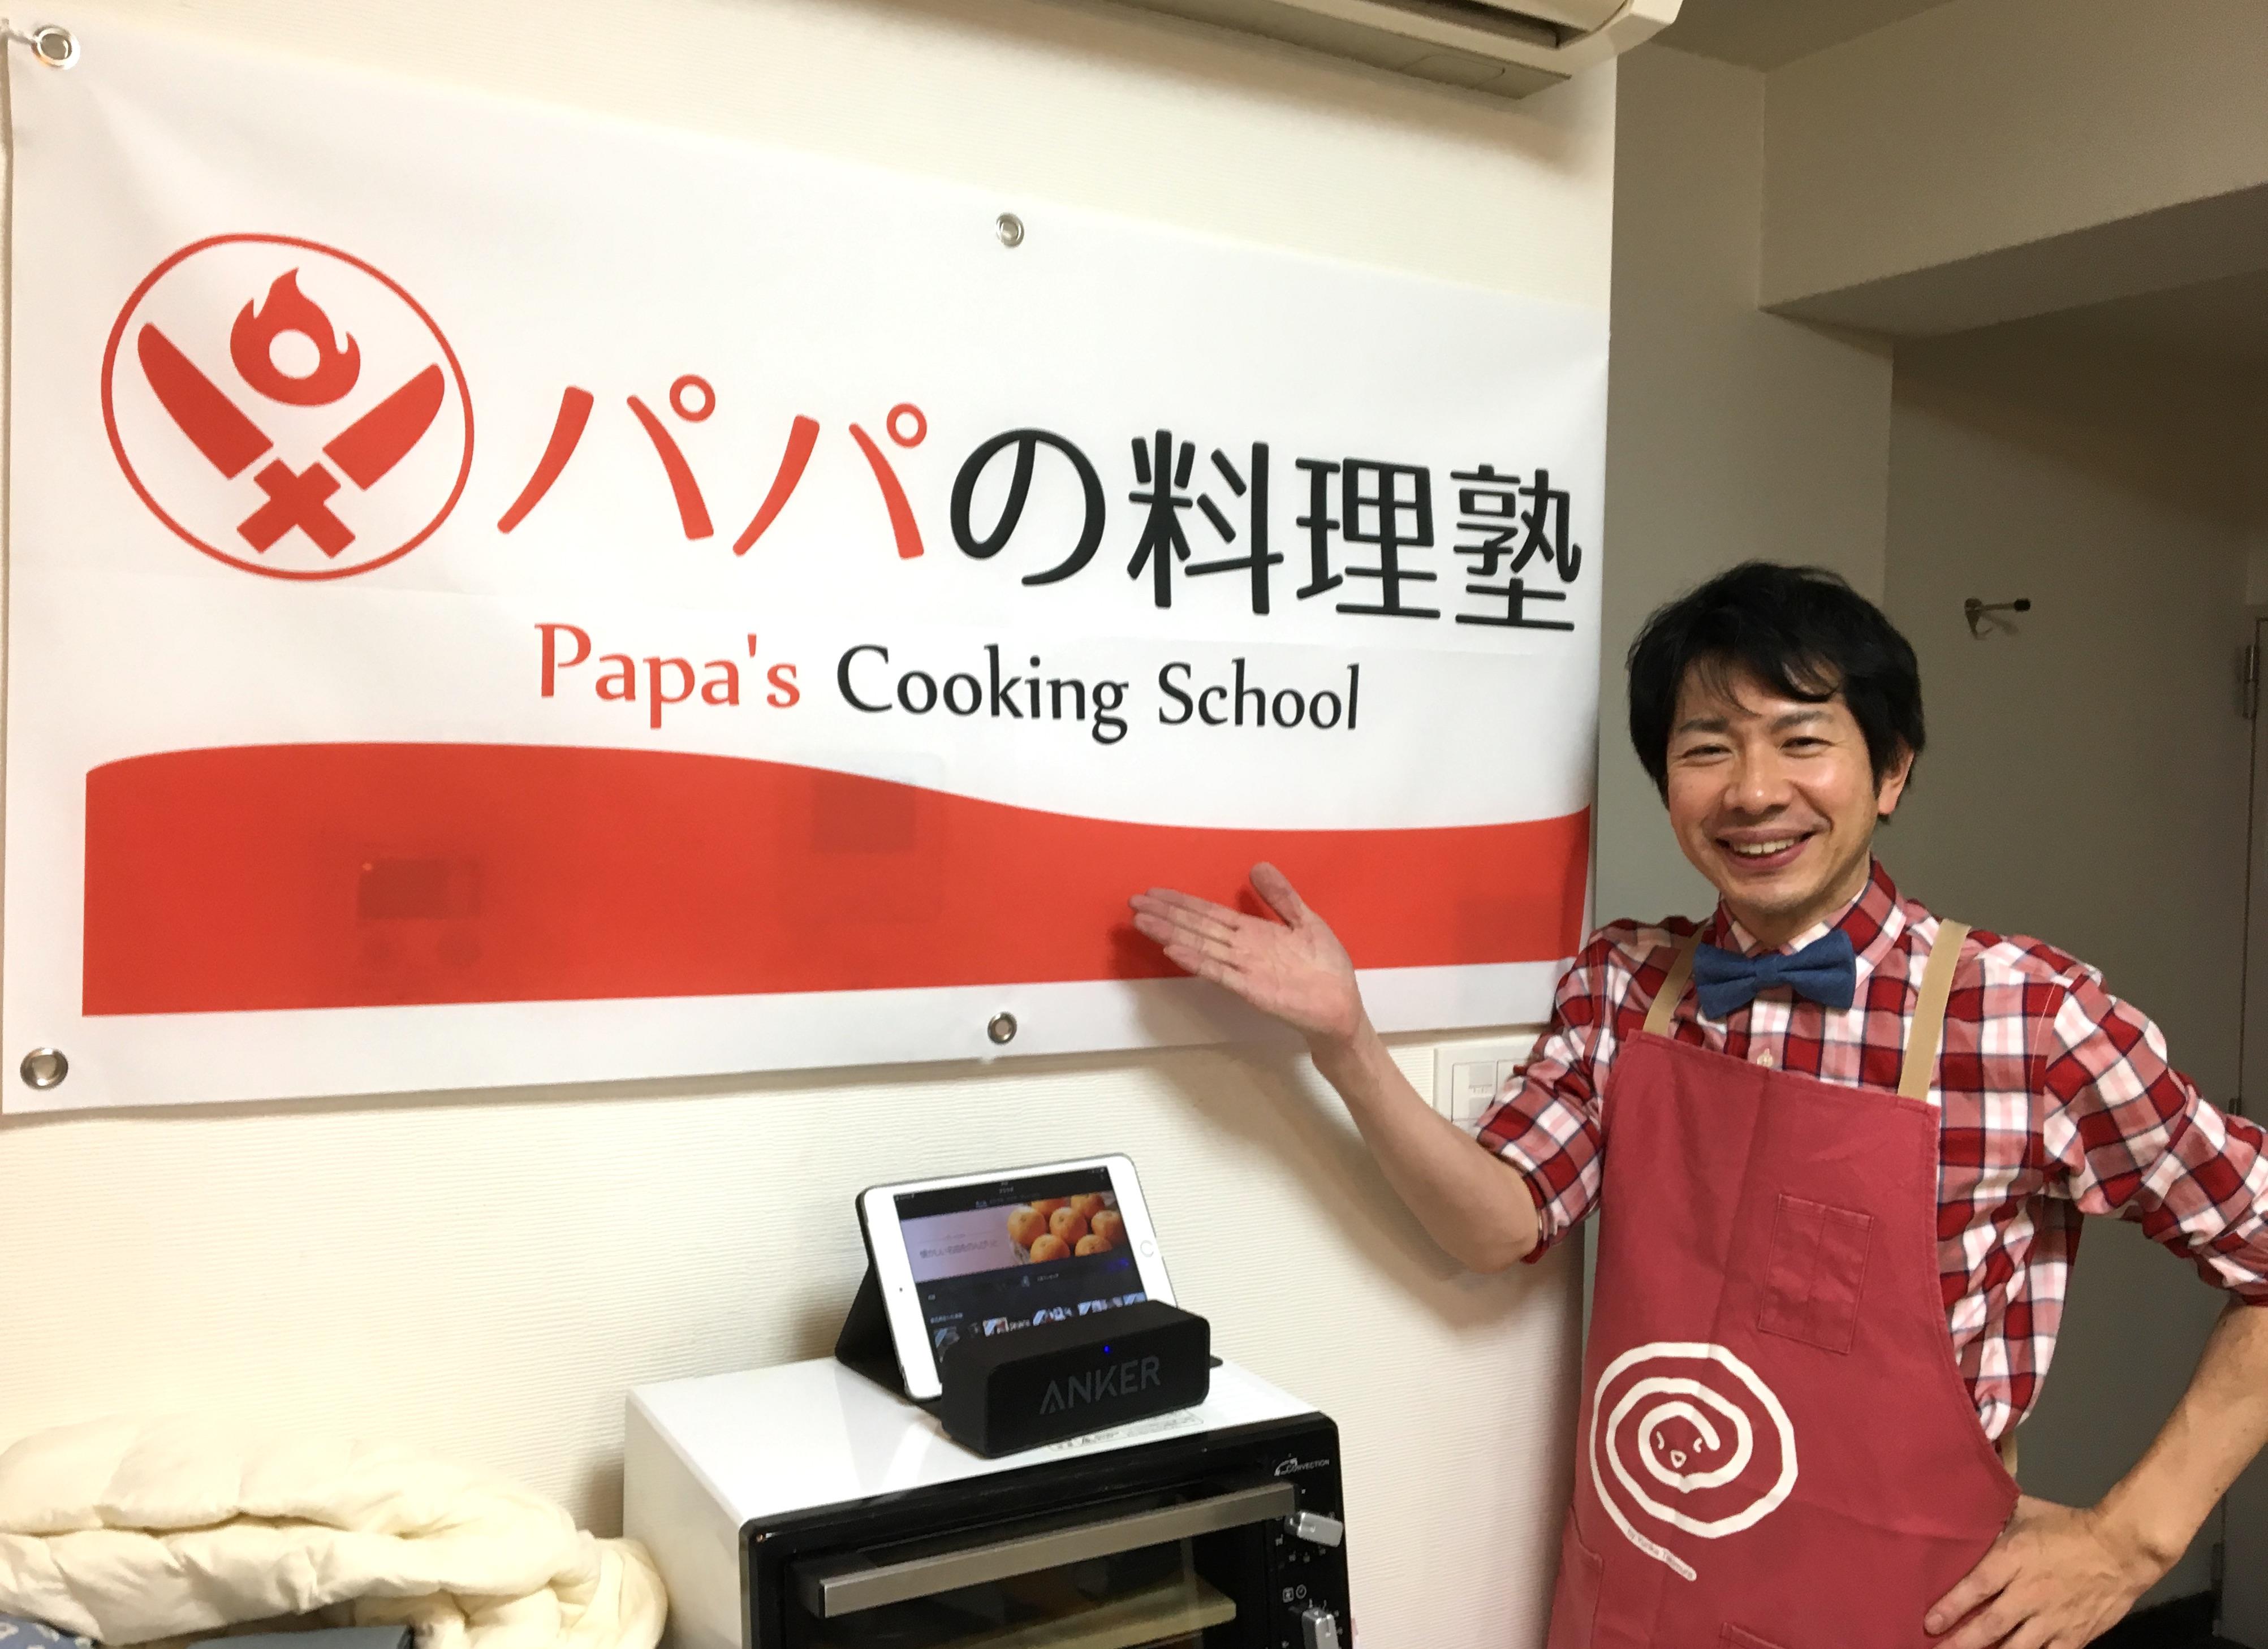 パパの料理塾1期に飛び入り参加!イタリアンを学びました。